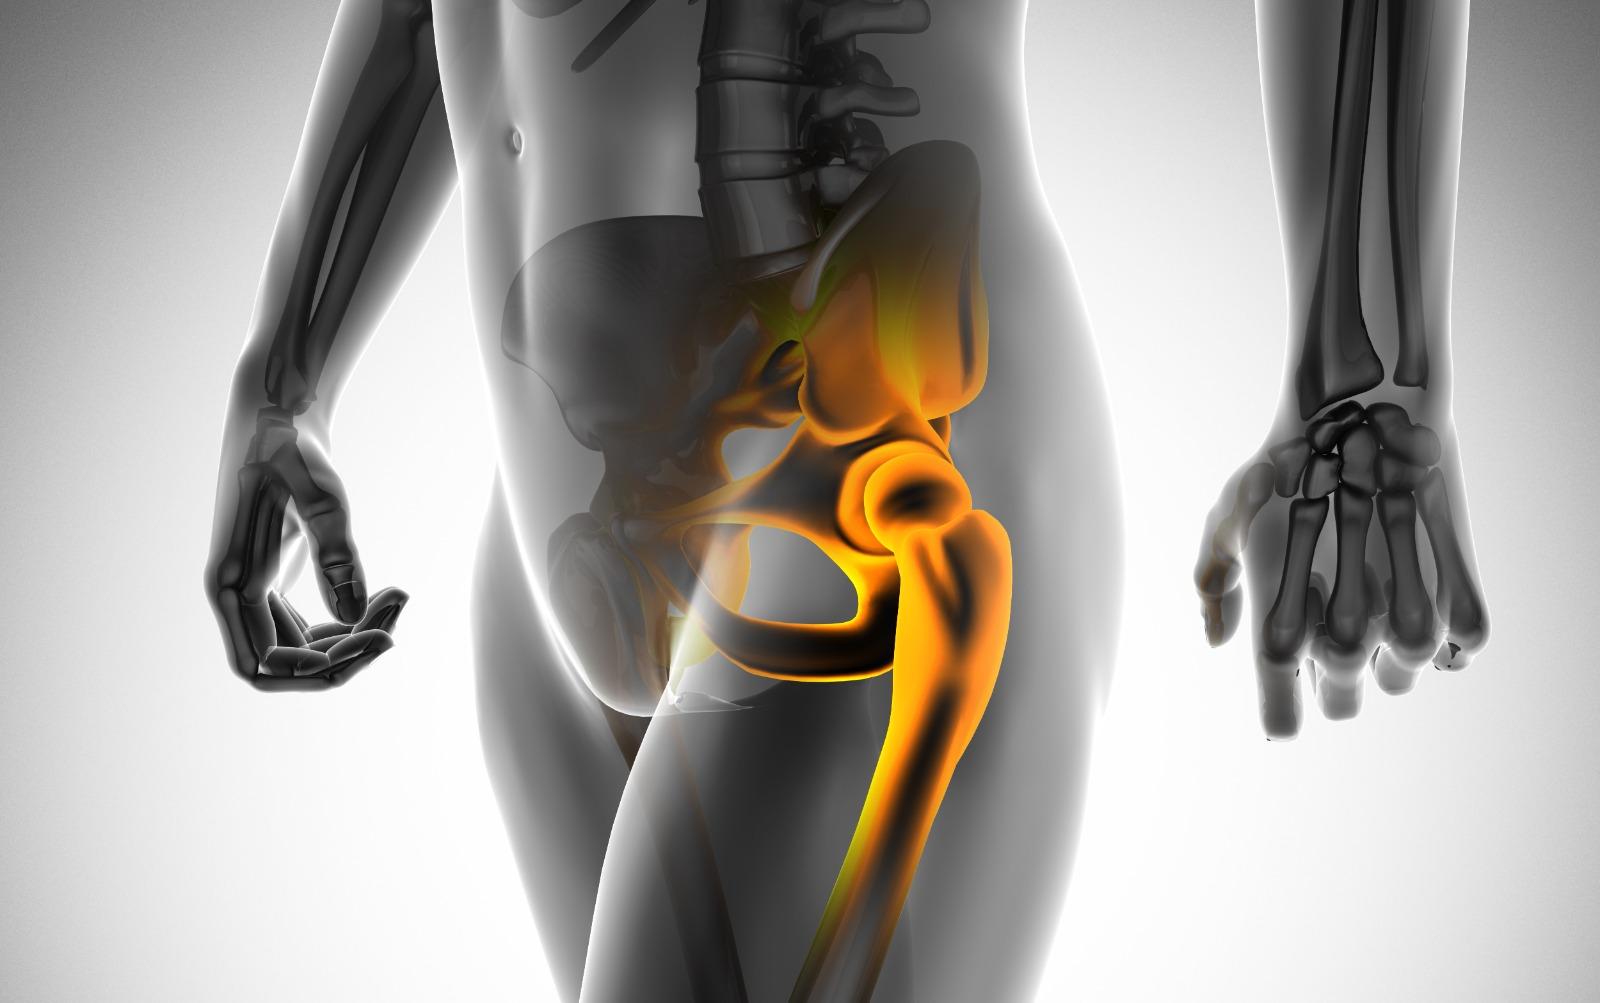 不明「屁股痛」 小心患上髖關節炎